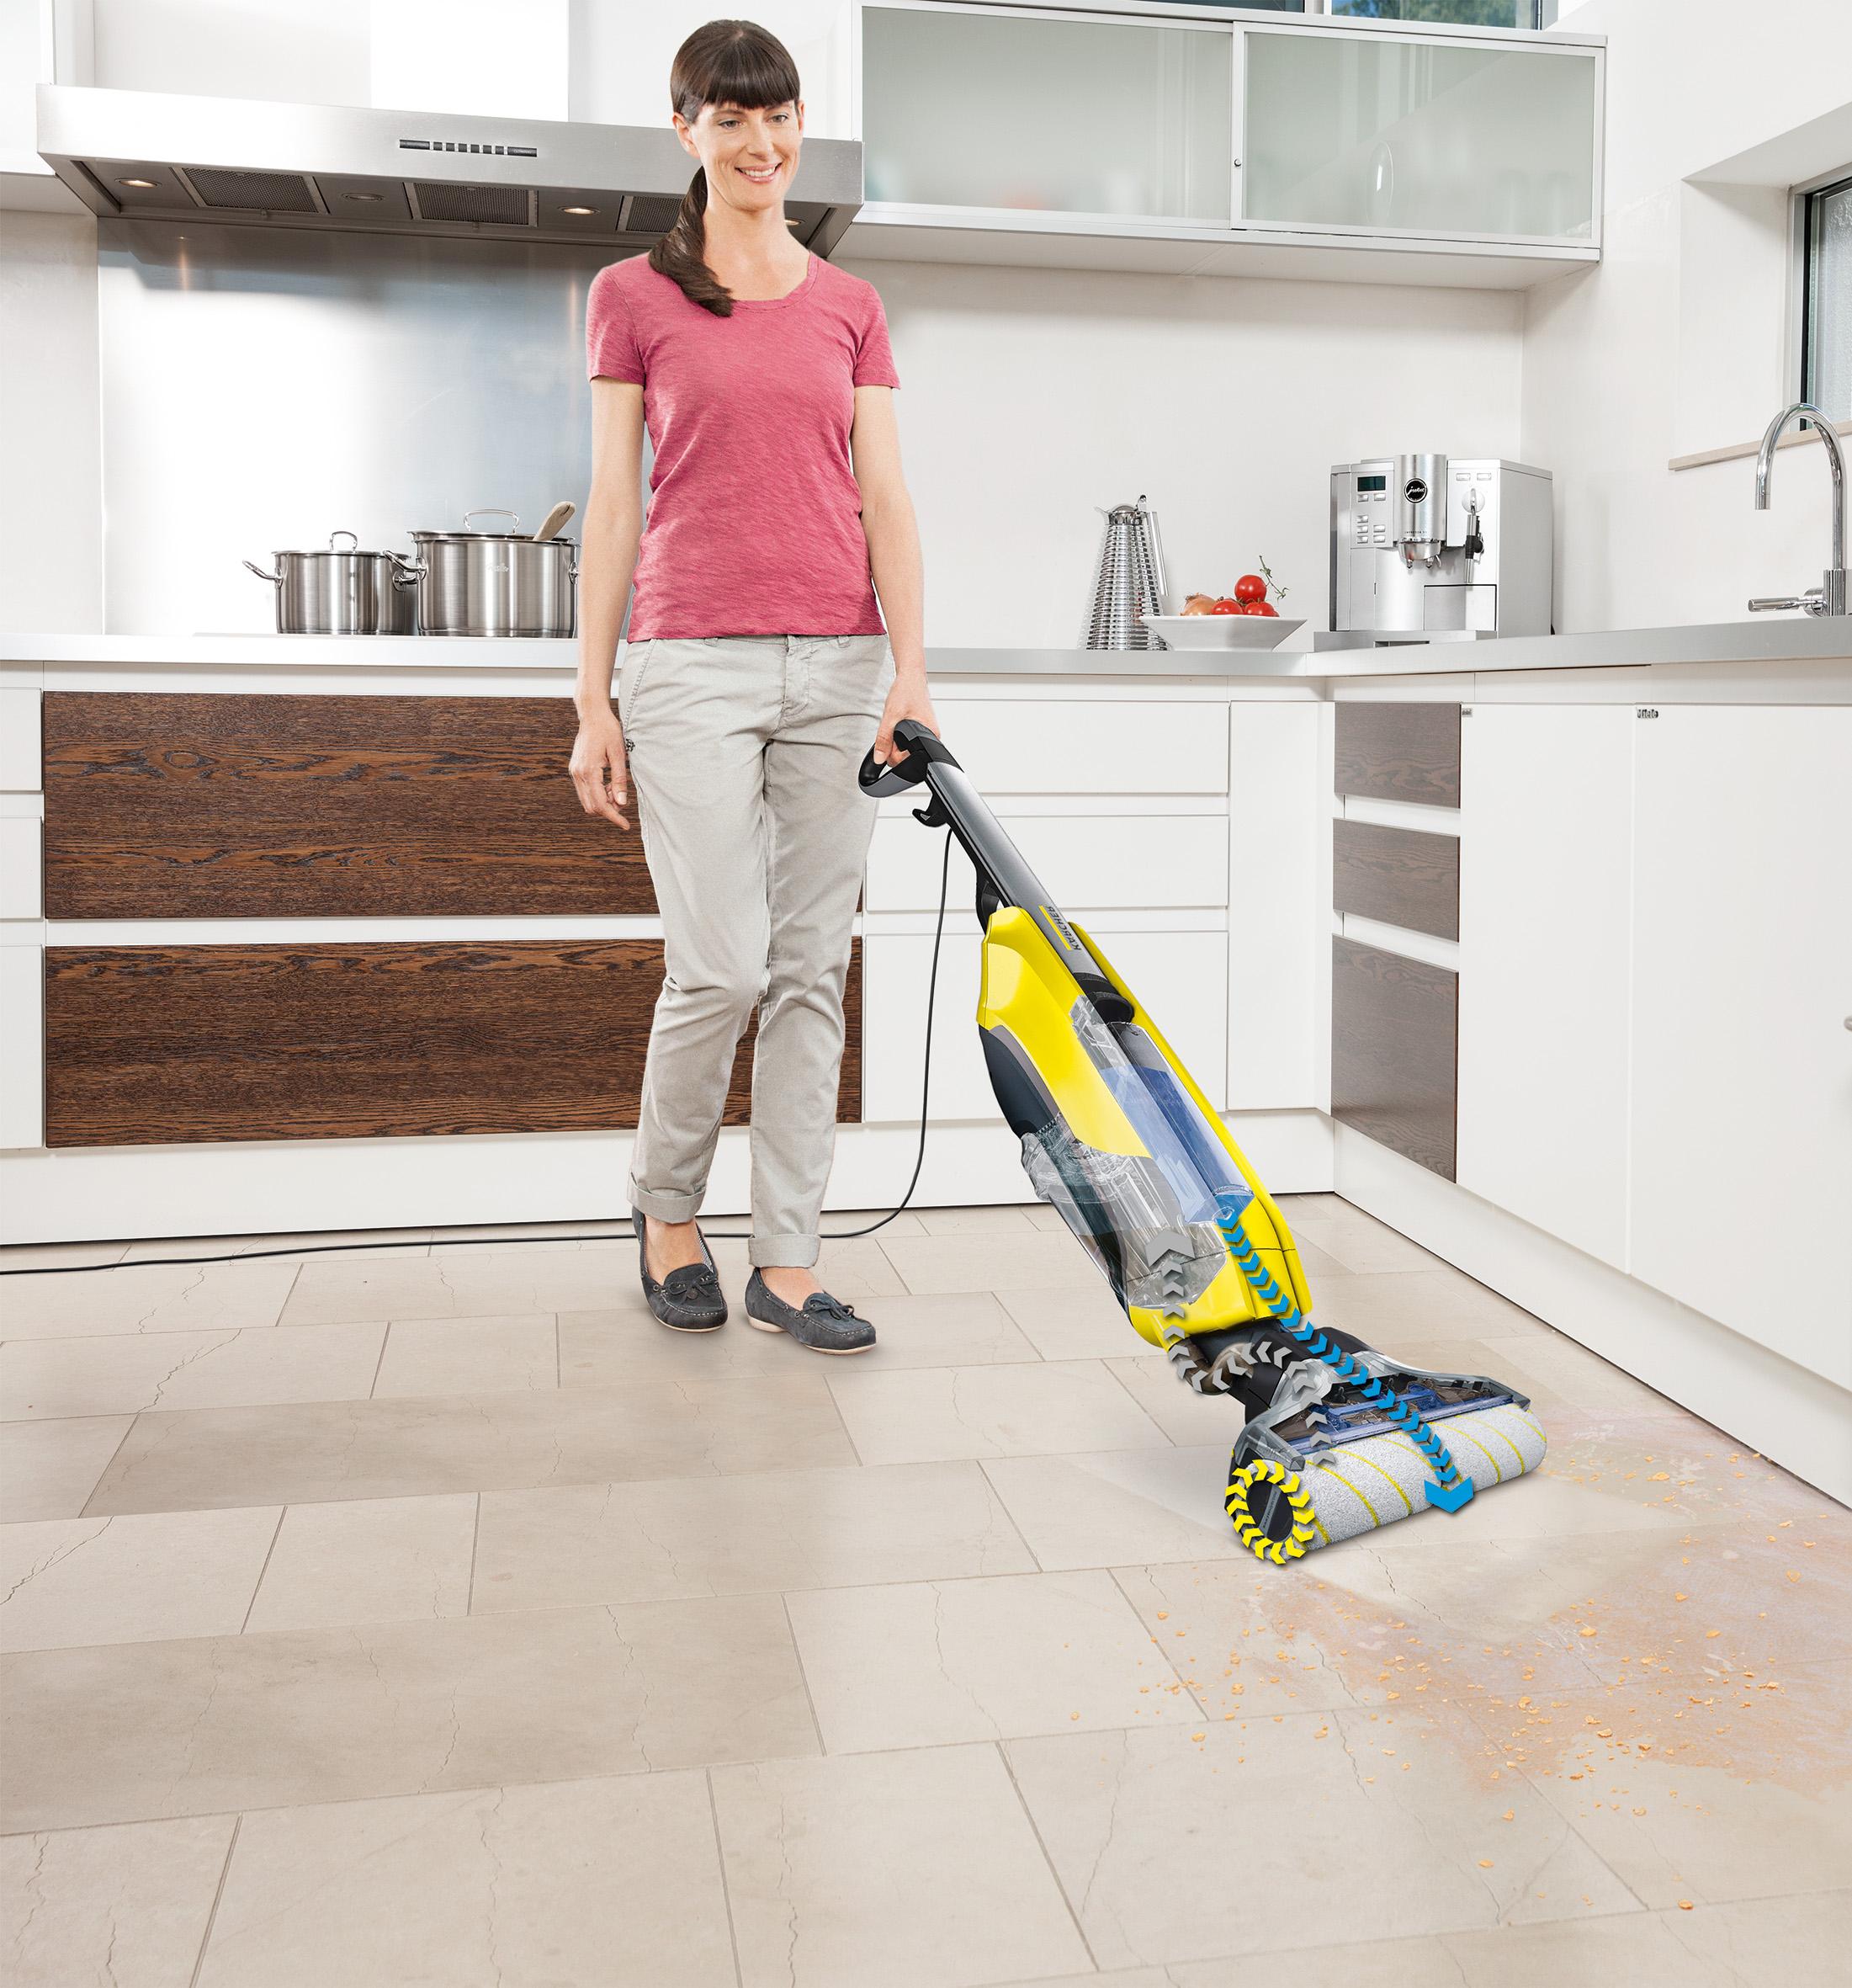 baumarkt markmiller werkers welt reinigungsger te bodenreiniger k rcher. Black Bedroom Furniture Sets. Home Design Ideas